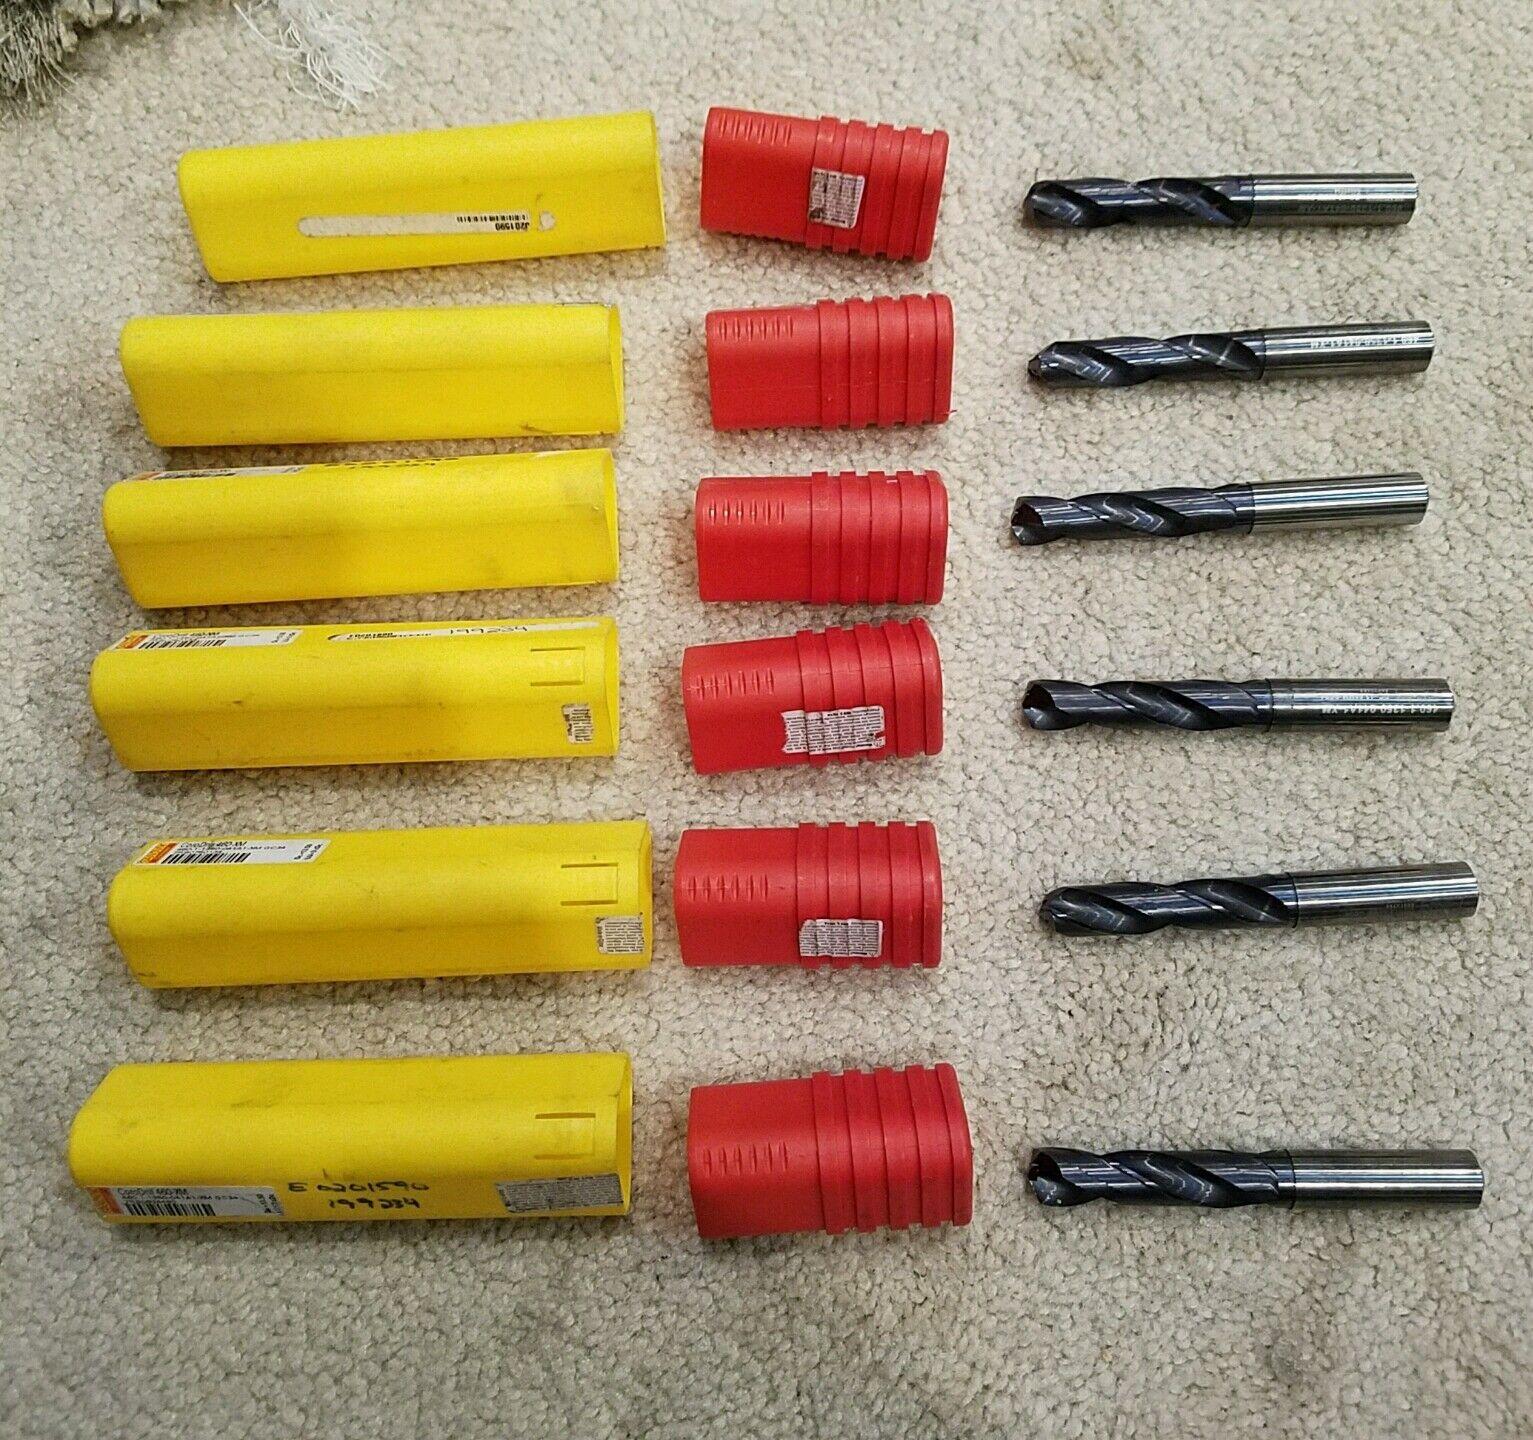 Sandvik Coromant 460.1-1710-077A1-XM GC34 CoroDrill 460 Solid Carbide Drill for Multi-Materials 5xD 0.6732 6762799 0.6732